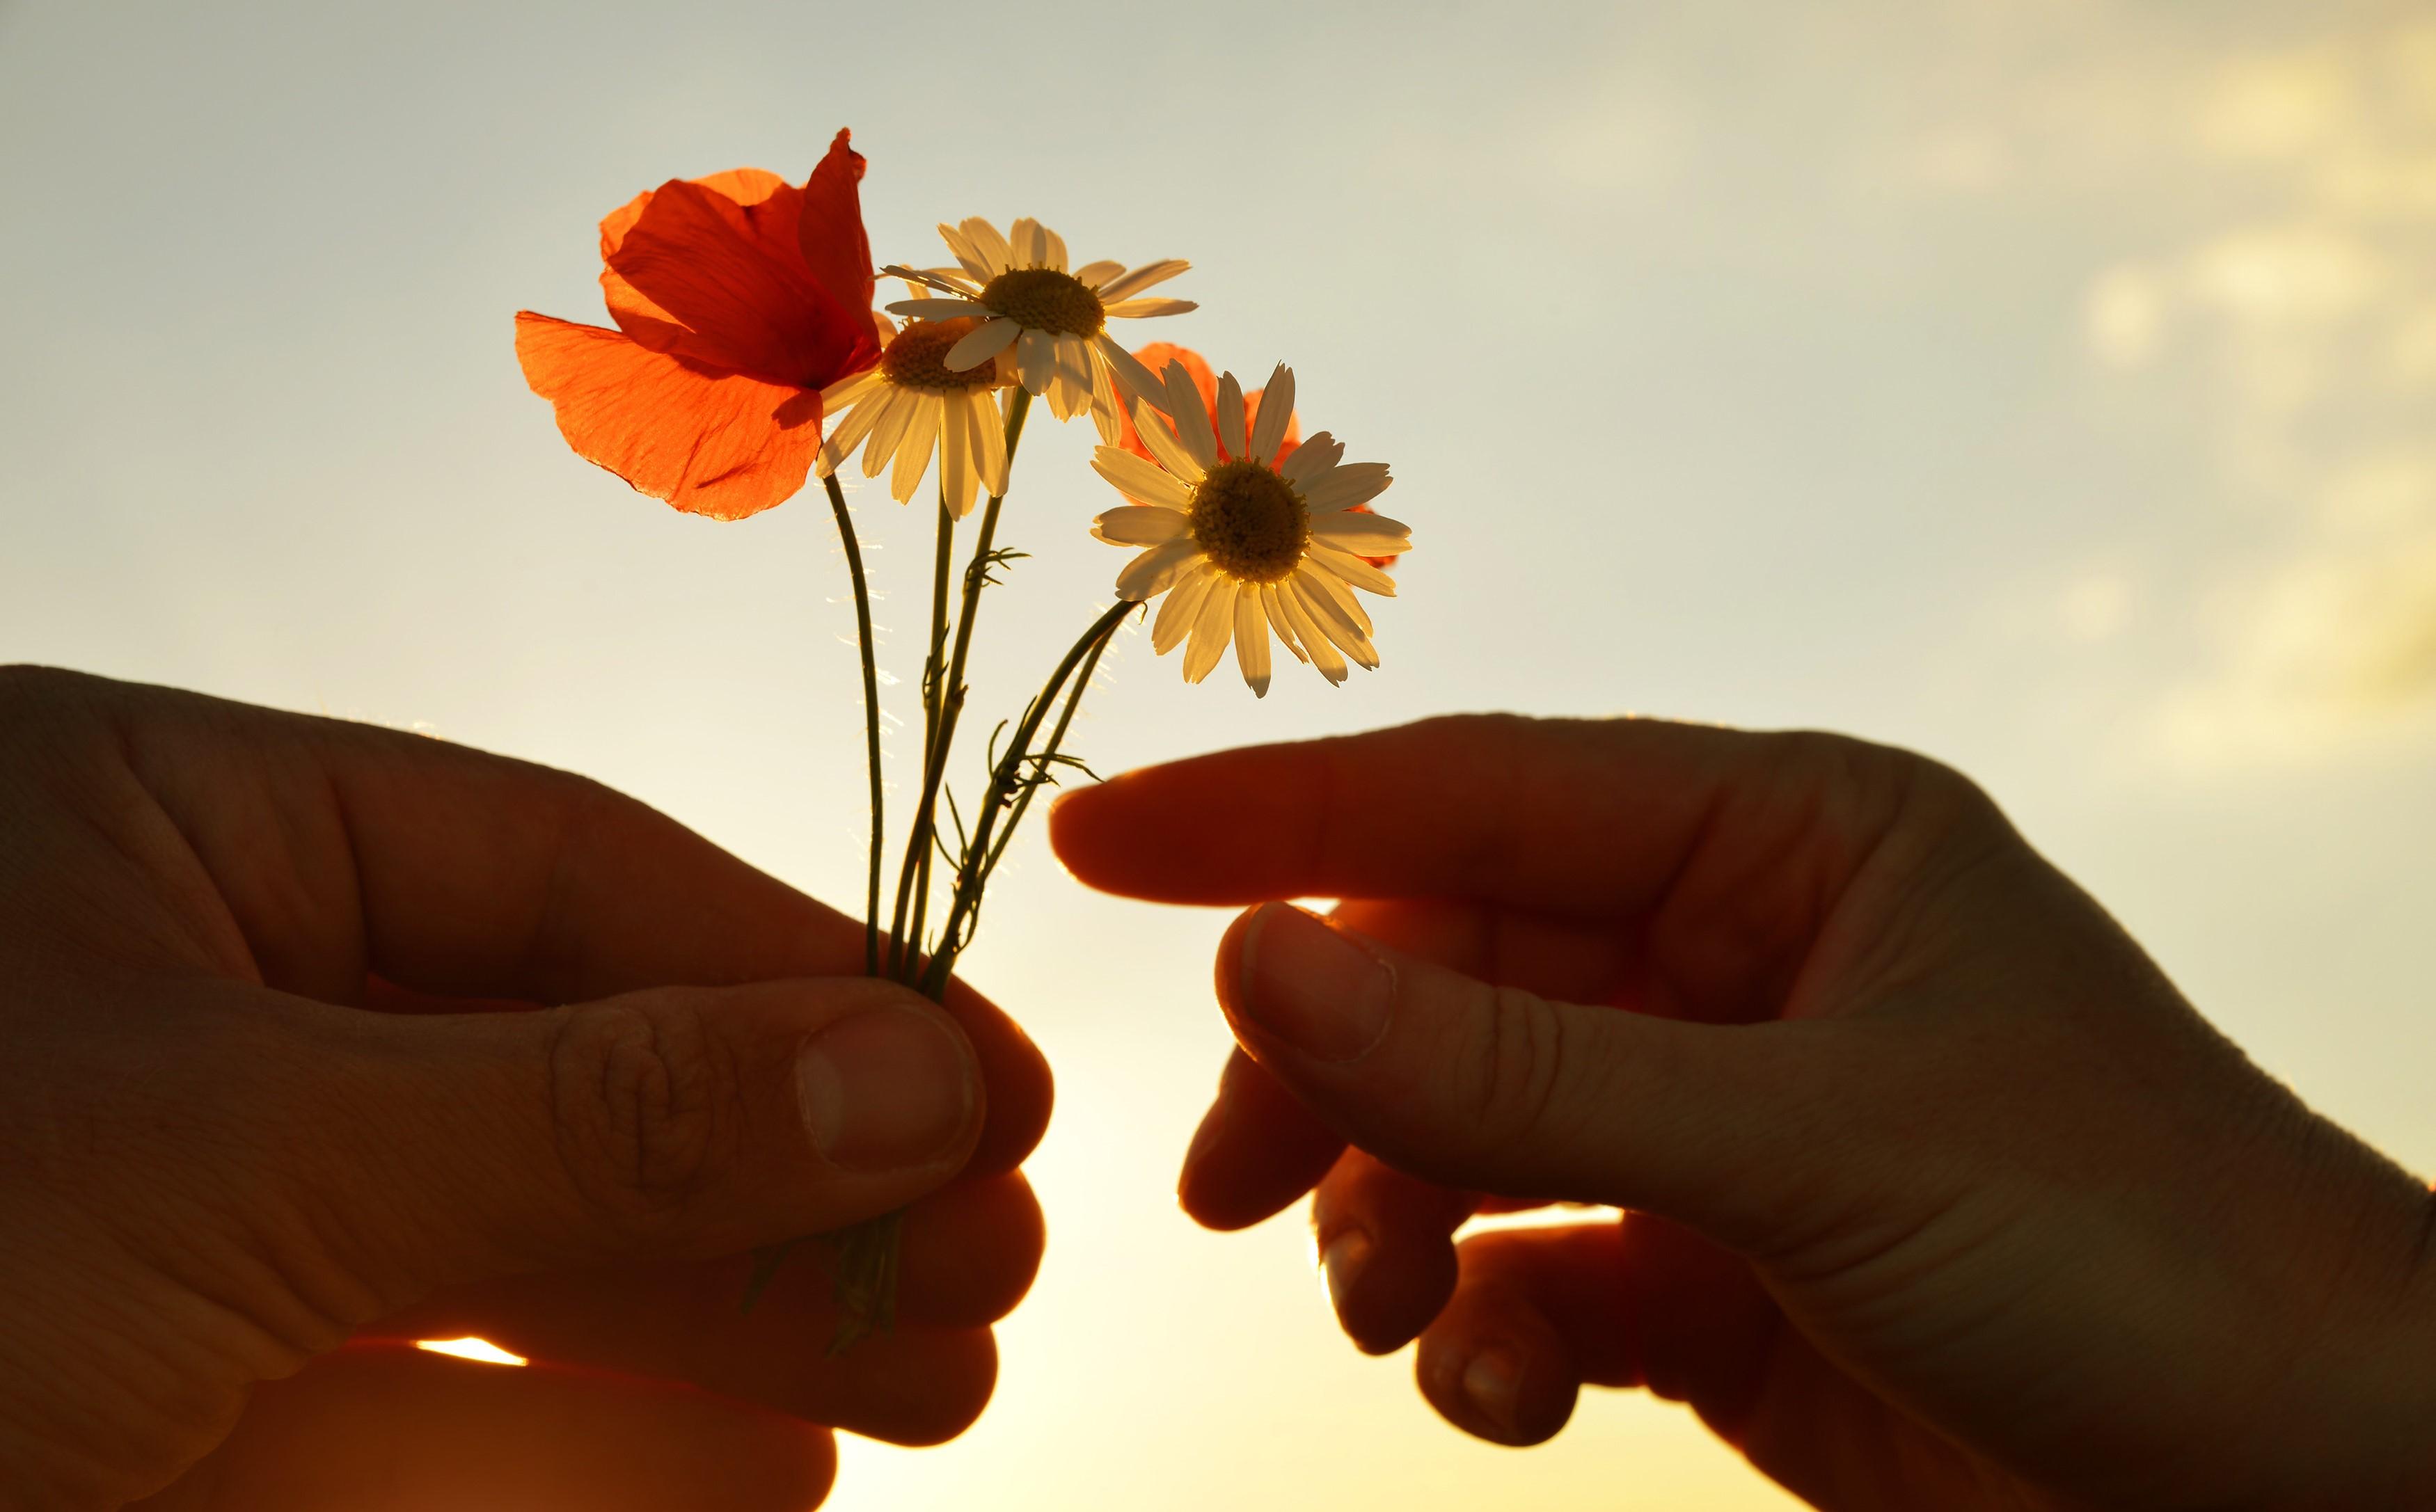 flower, gift, kind